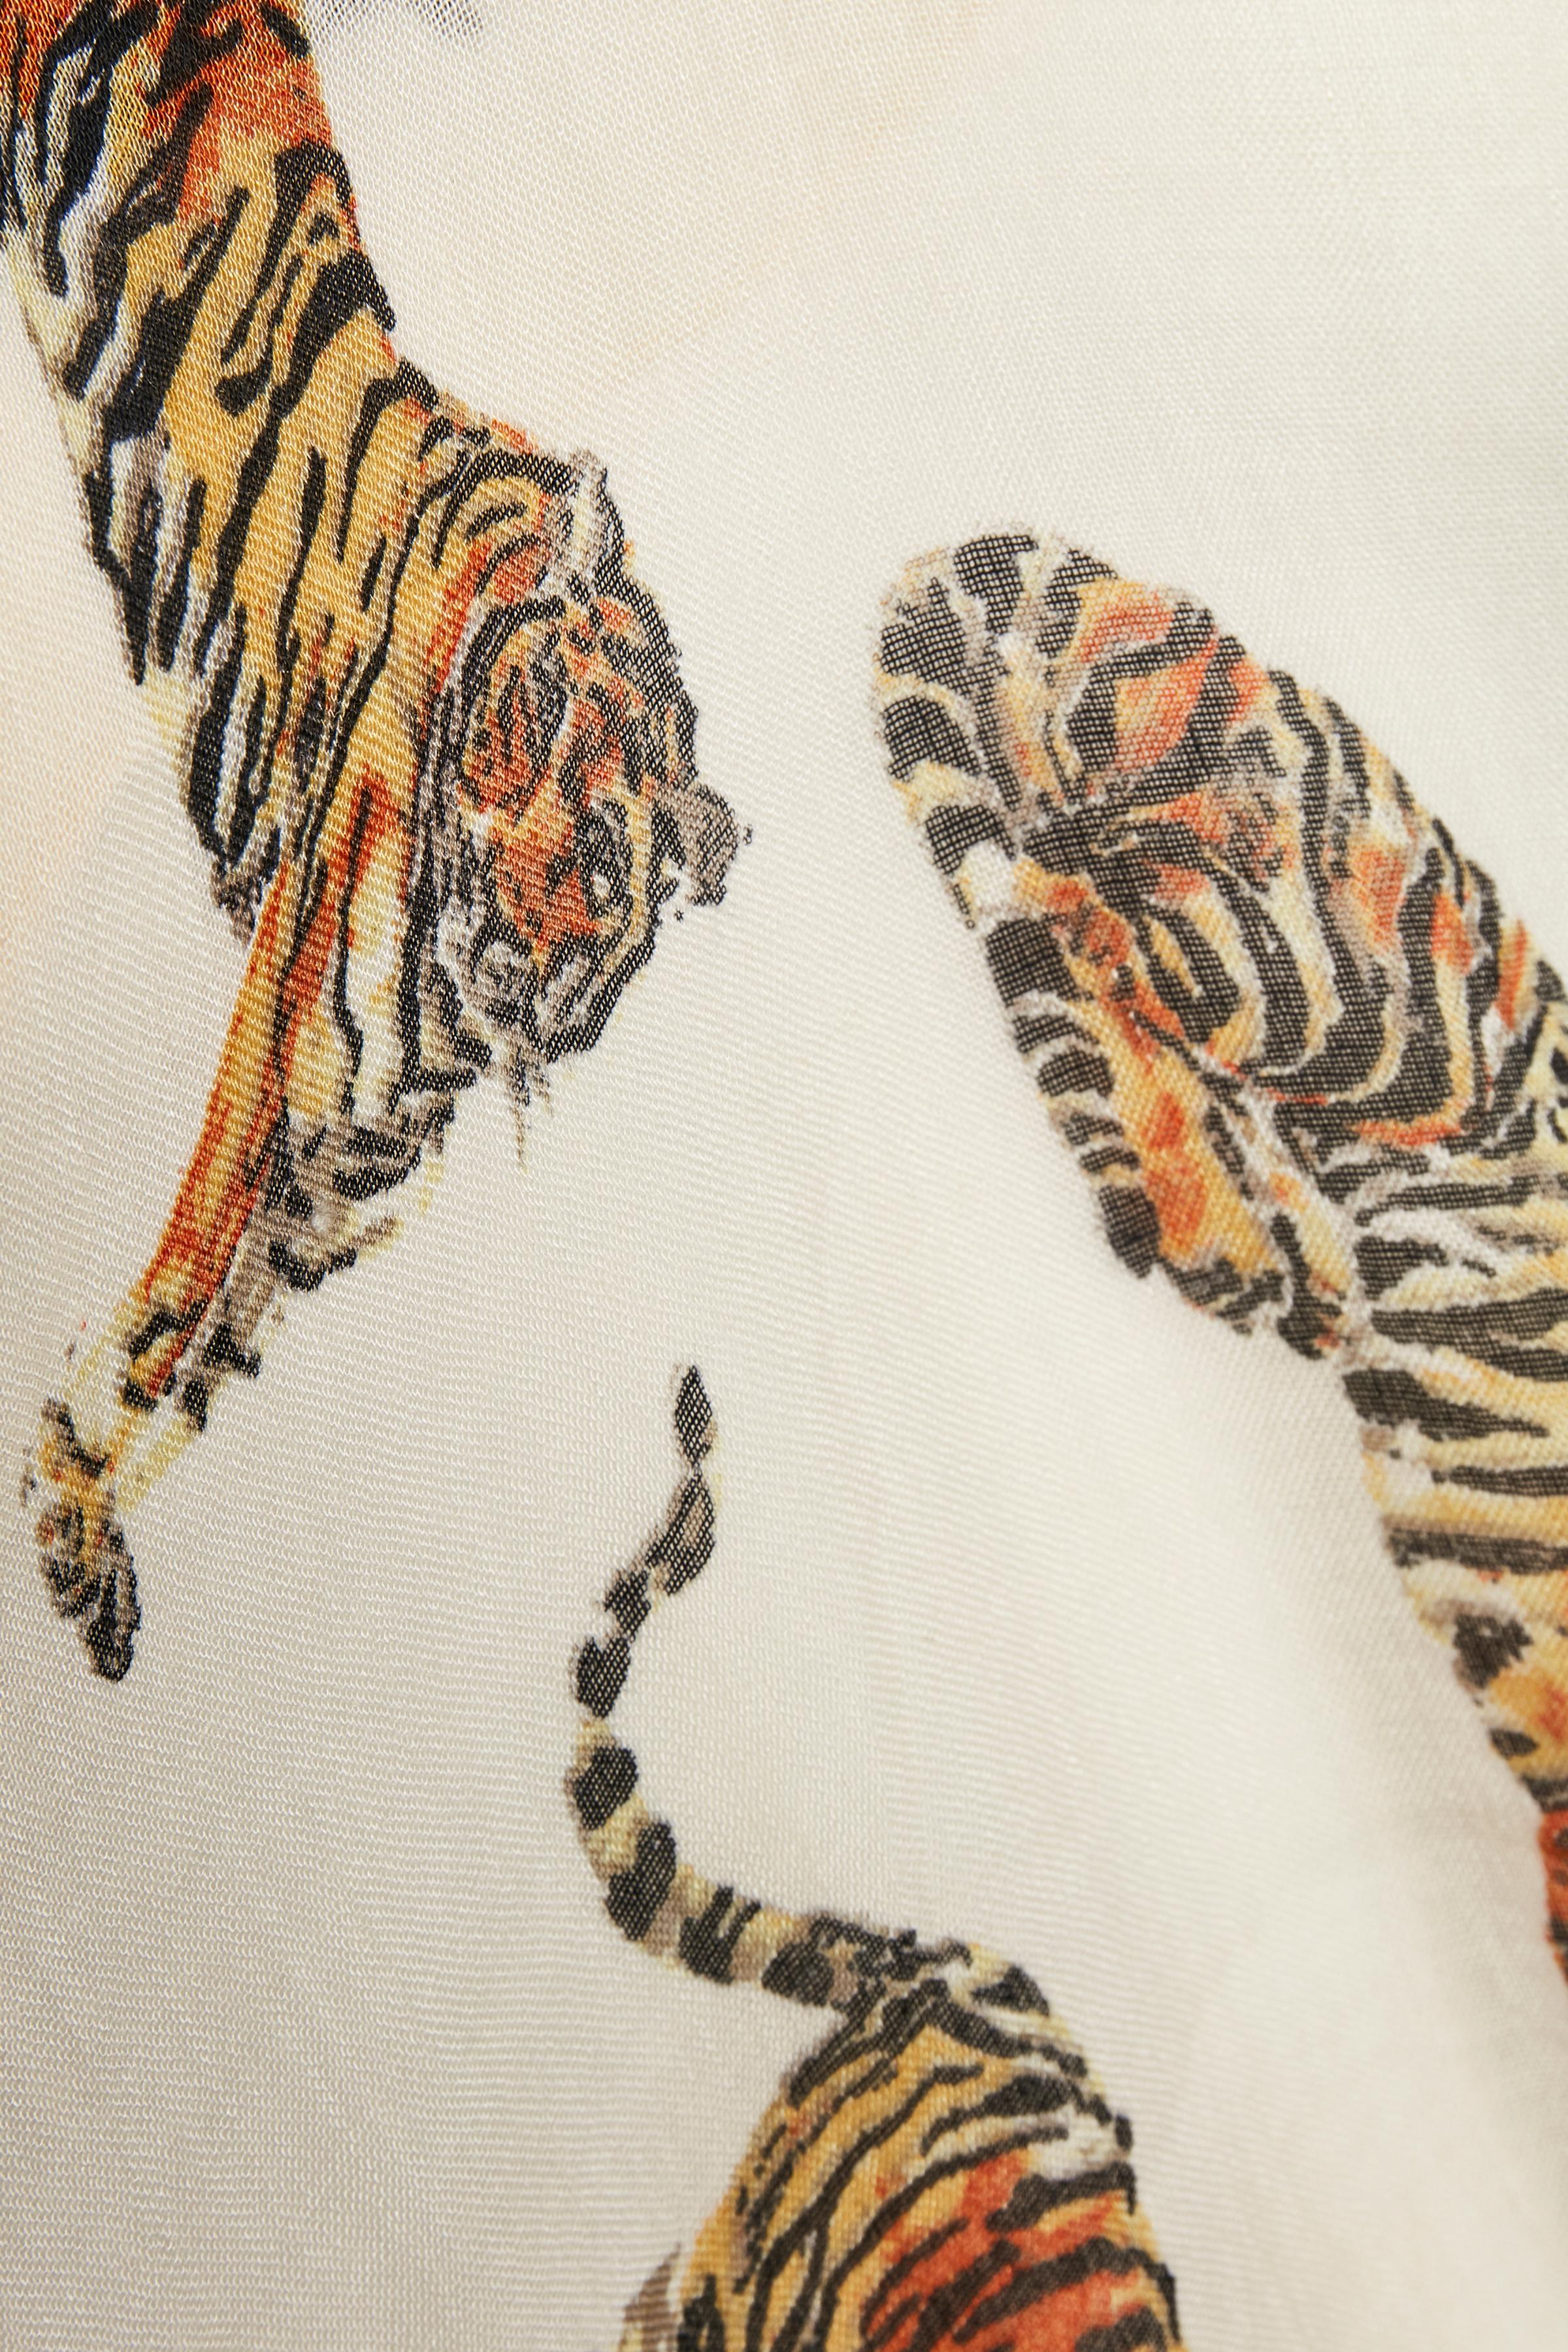 French Nougat Tiger Tørklæde – Køb French Nougat Tiger Tørklæde fra str. ONE her